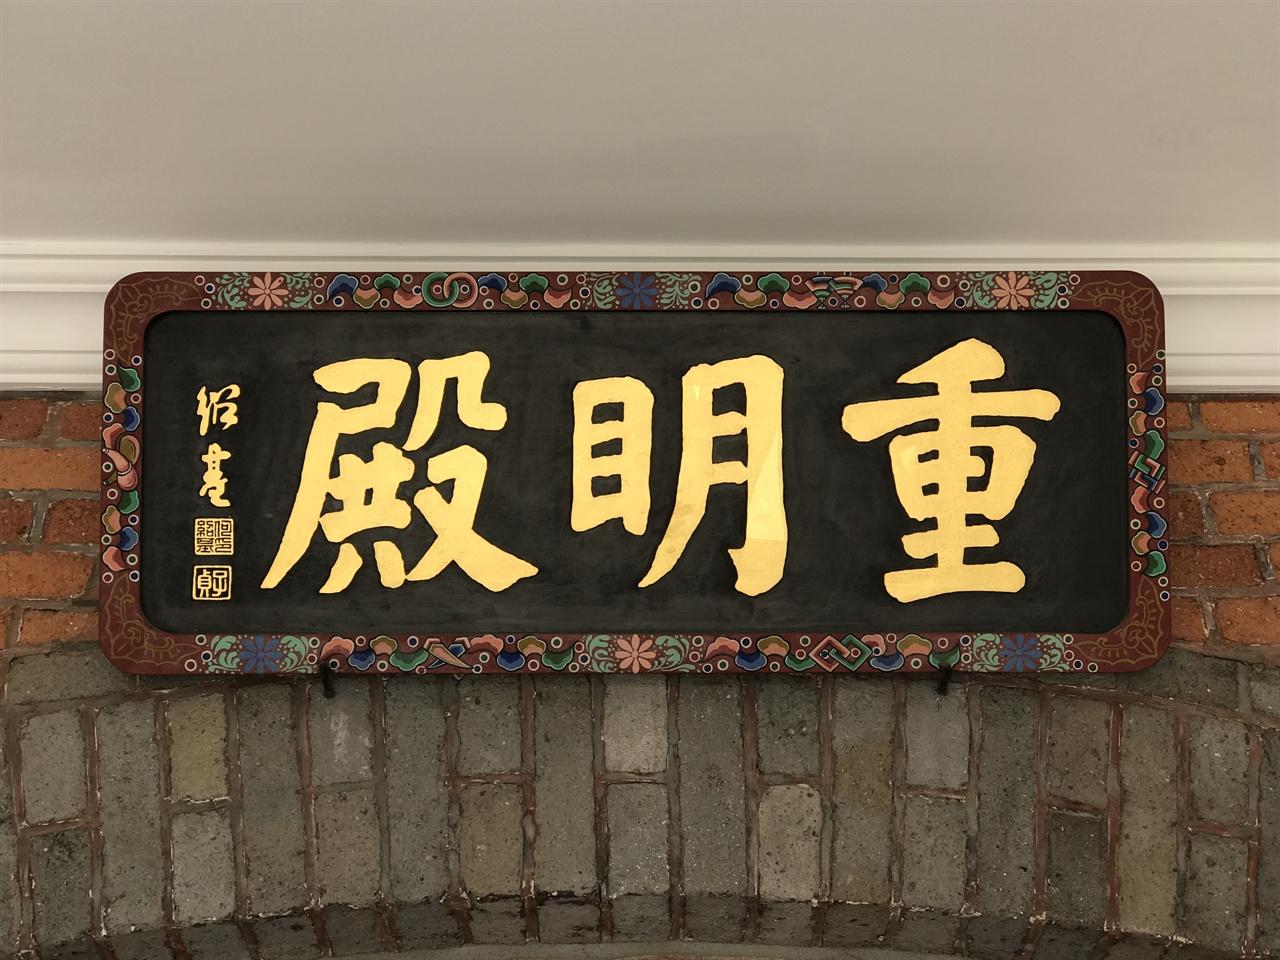 중명전 편액 도서관이 망국의 현장이 된 경우는 우리 역사는 물론 세계사적으로도 흔치 않을 것이다. '중명'은 <주역> 리(離)괘에 나오는 말로 왕과 신하가 자신의 직분을 다 한다는 의미다. 역설적으로 '중명전'이라는 이름은 을사늑약 전후로 대한제국 황제와 신하가 그 직분을 다 했는지 되묻고 있다.